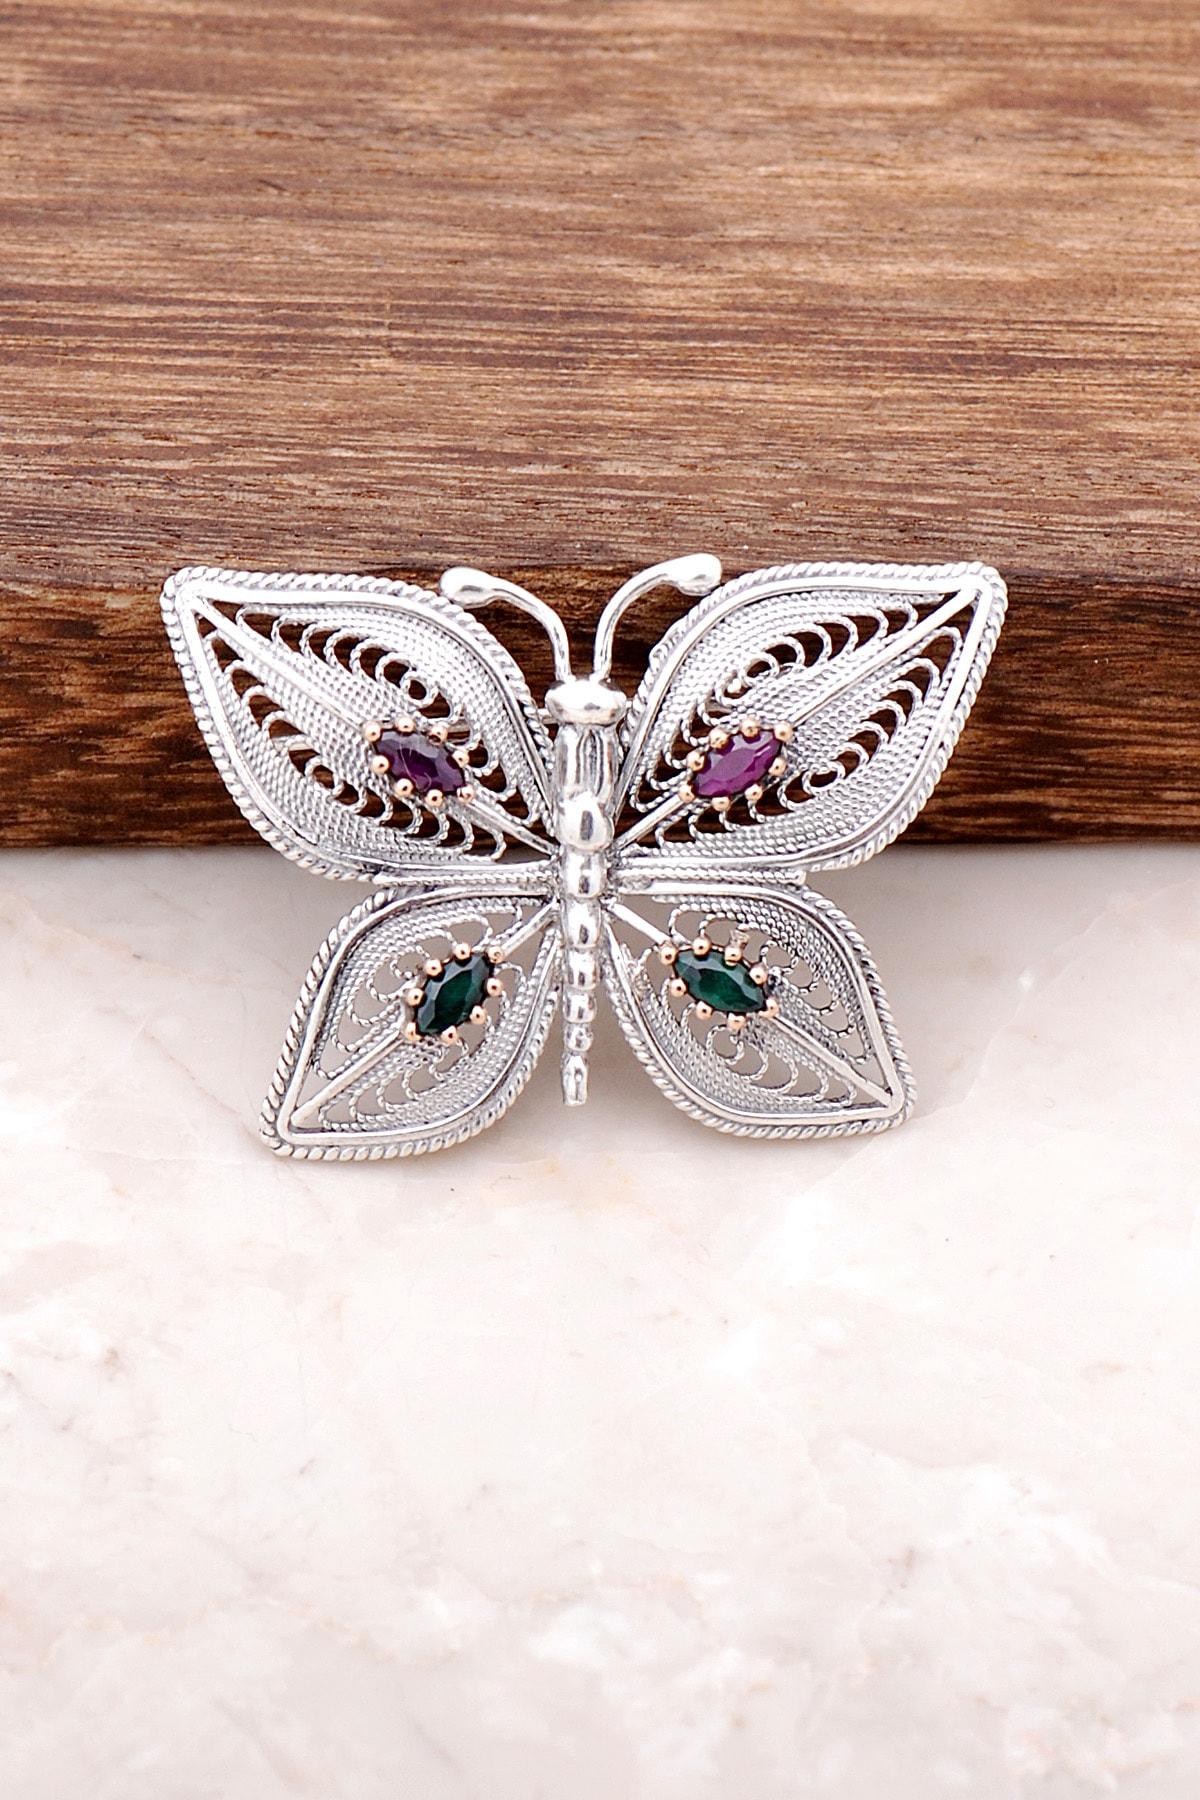 Sümer Telkari Kelebek Tasarımlı Elişi Gümüş Broş 286 1